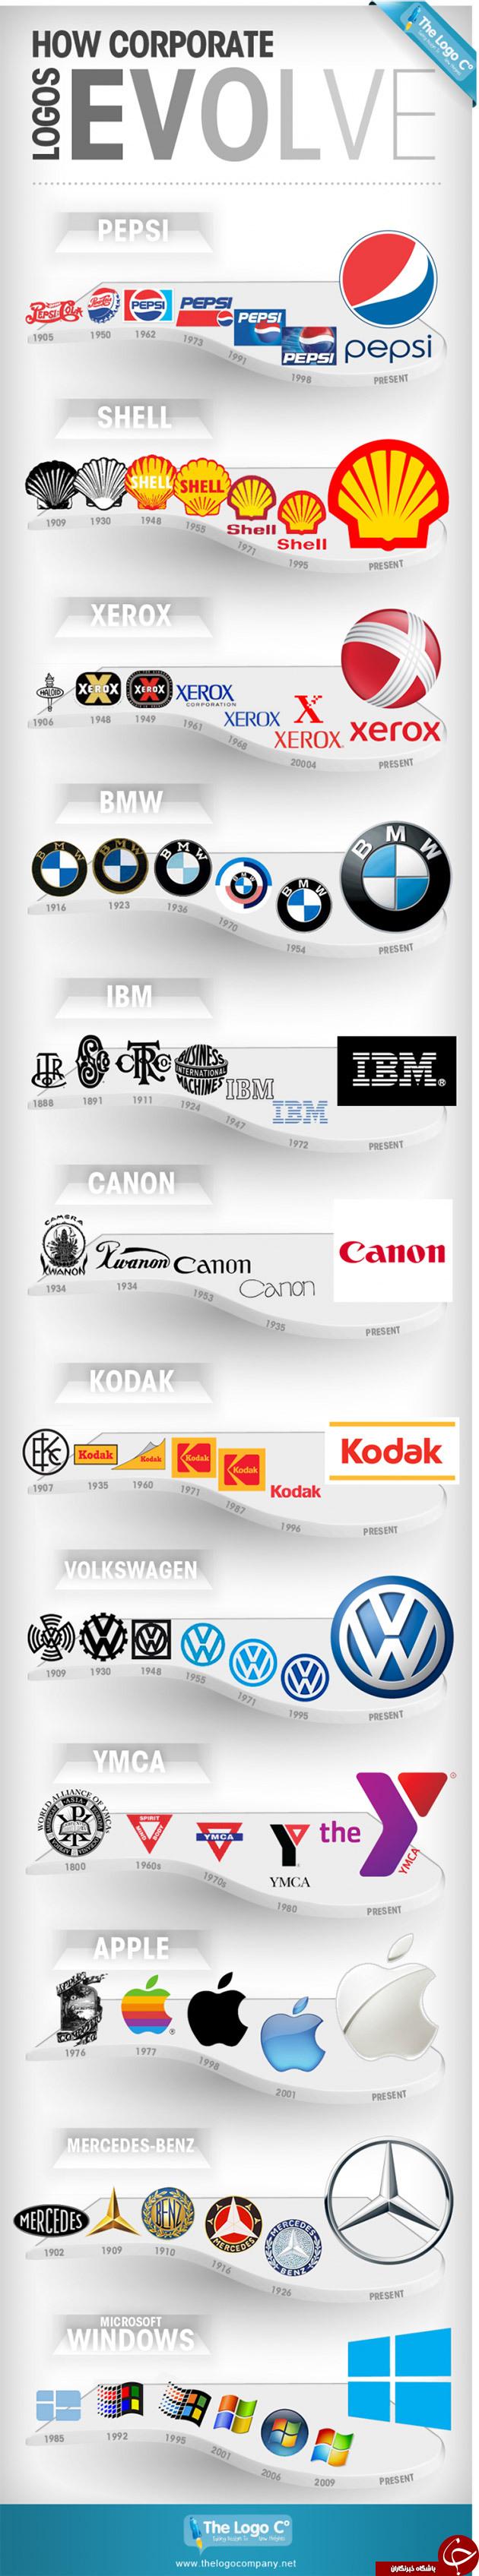 تغییر لوگو شرکت های معروف